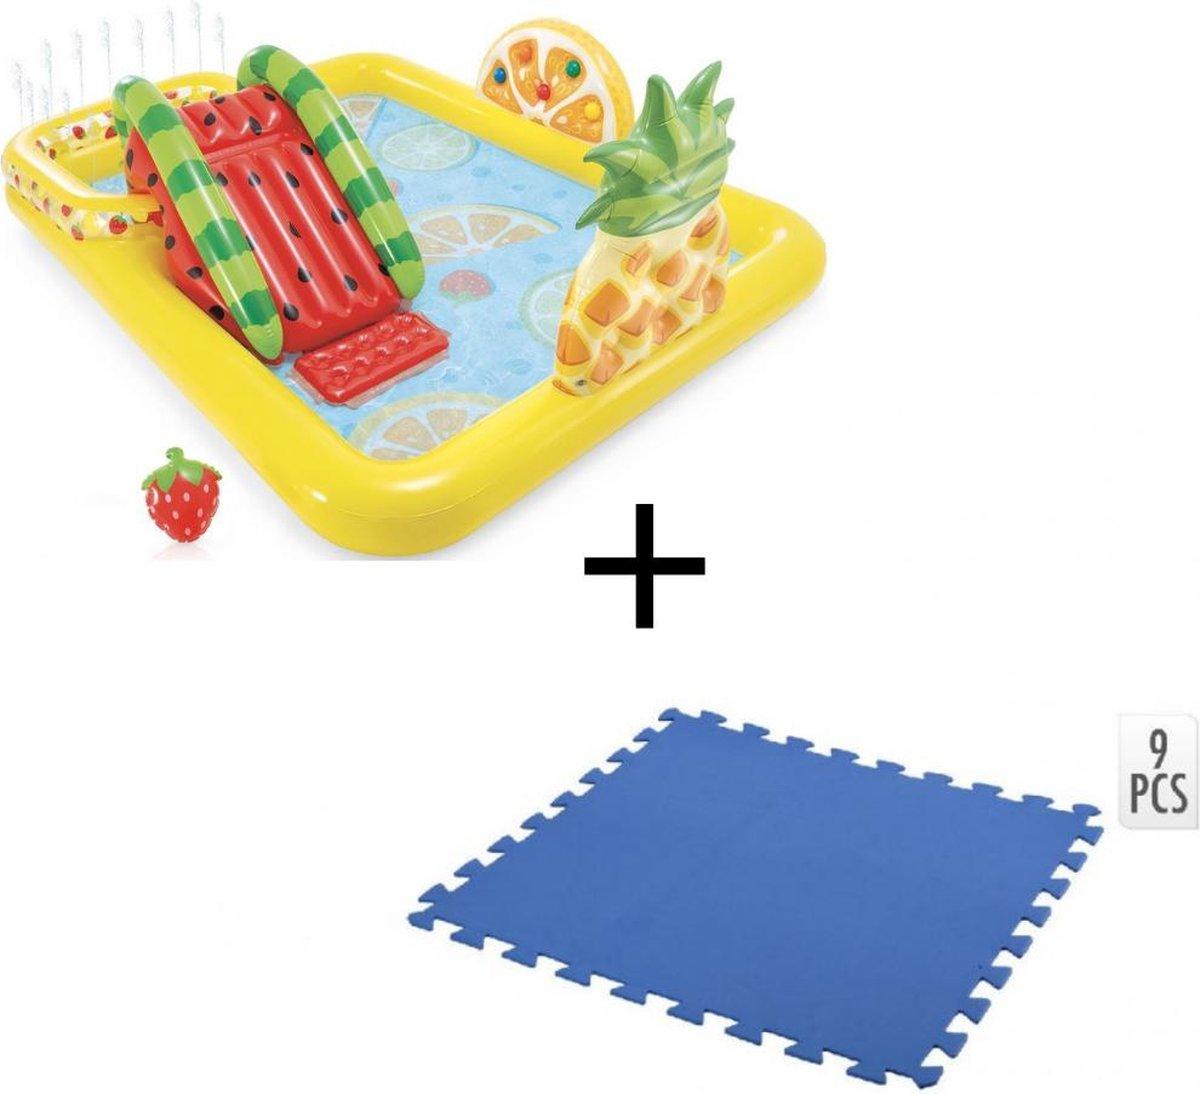 Intex Opblaasbaar Kinderzwembad - Met Glijbaan - Fruit - 244 x 191 x 91 cm + + INCL. Free And Easy Zwembadtegels Foam Blauw 9 Stuks